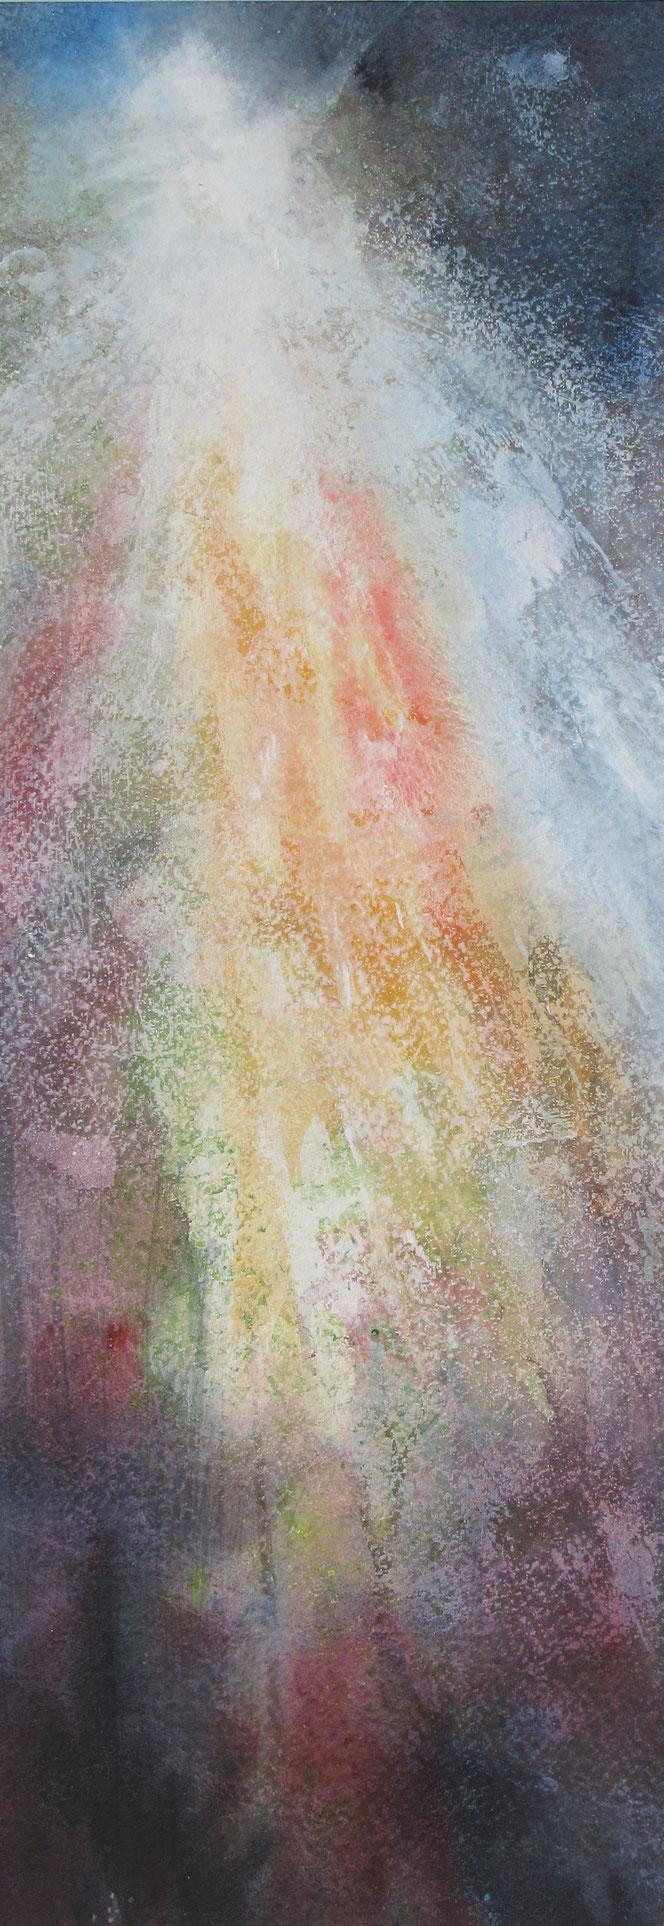 Das Licht scheint in der Finsternis. Aquarell von Gabriele Koenigs. Im Passepartout für Bilderrahmengröße 25 cm x 60 cm. Als Original erhältlich